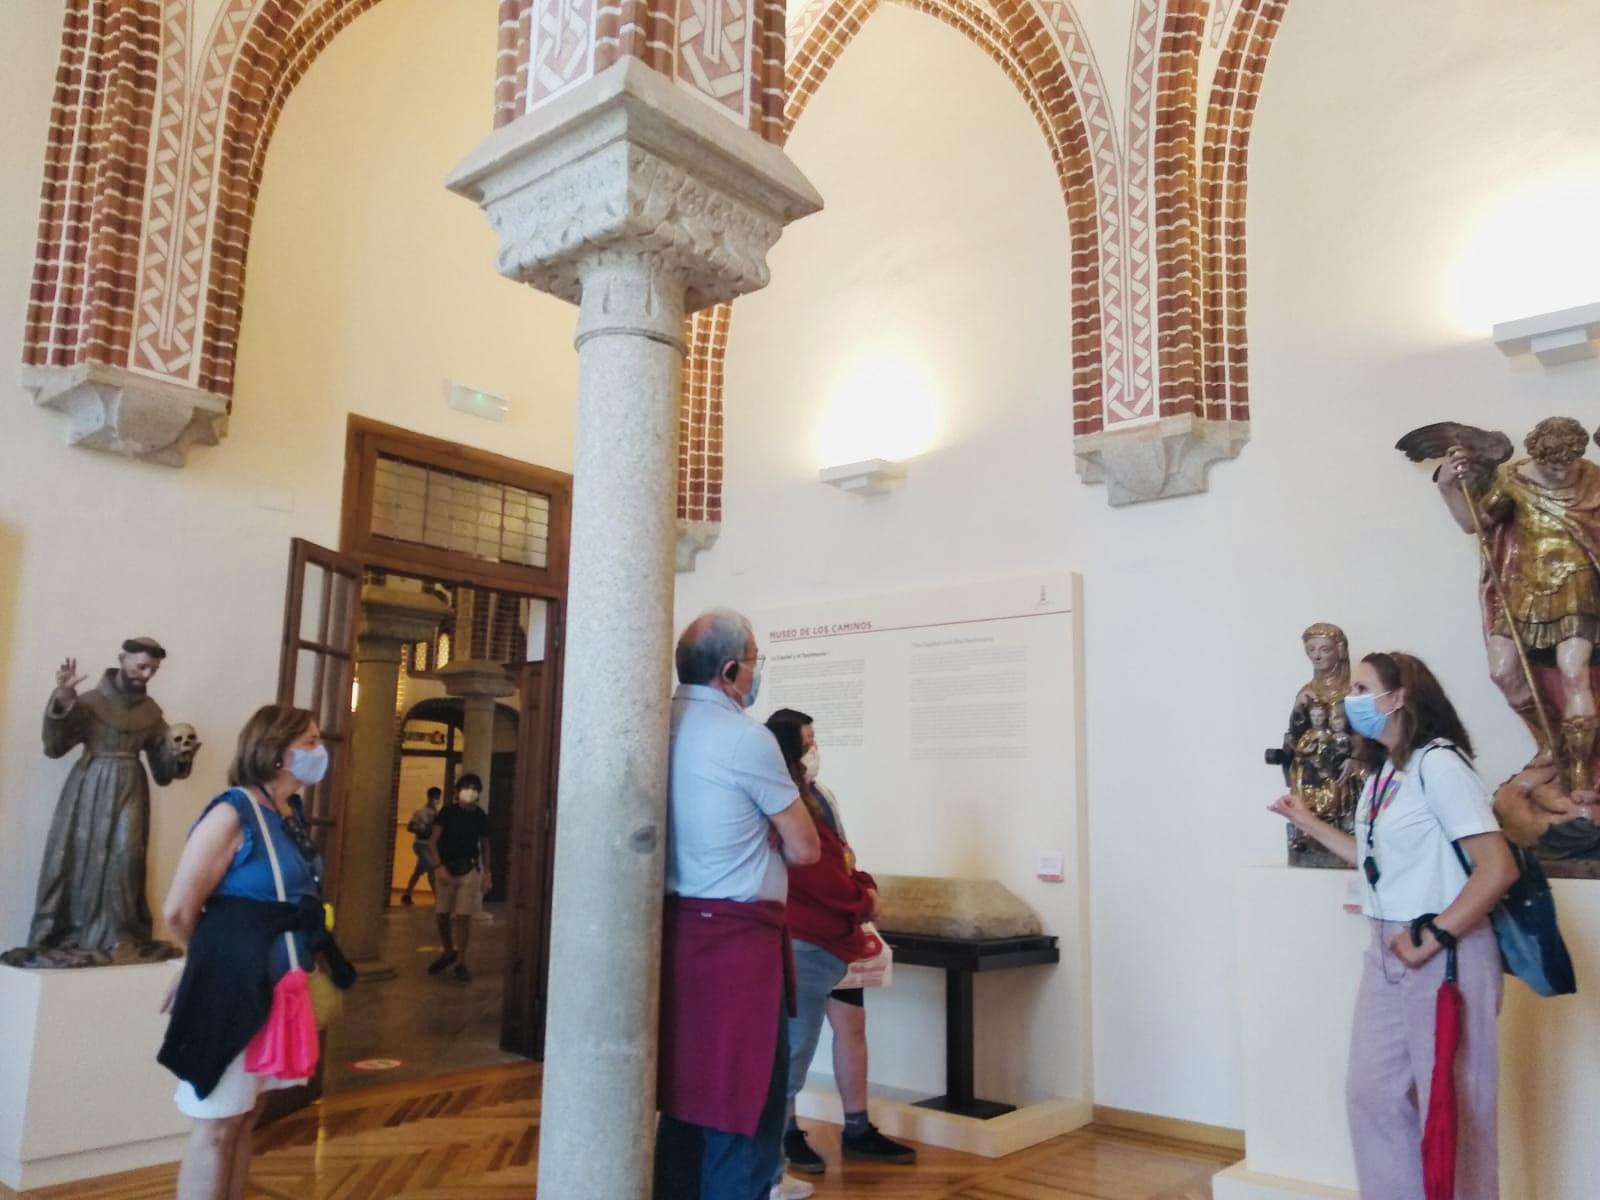 Visita guiada privada que combina la ciudad de Astorga y el Palacio Episcopal de Antonio Gaudí.